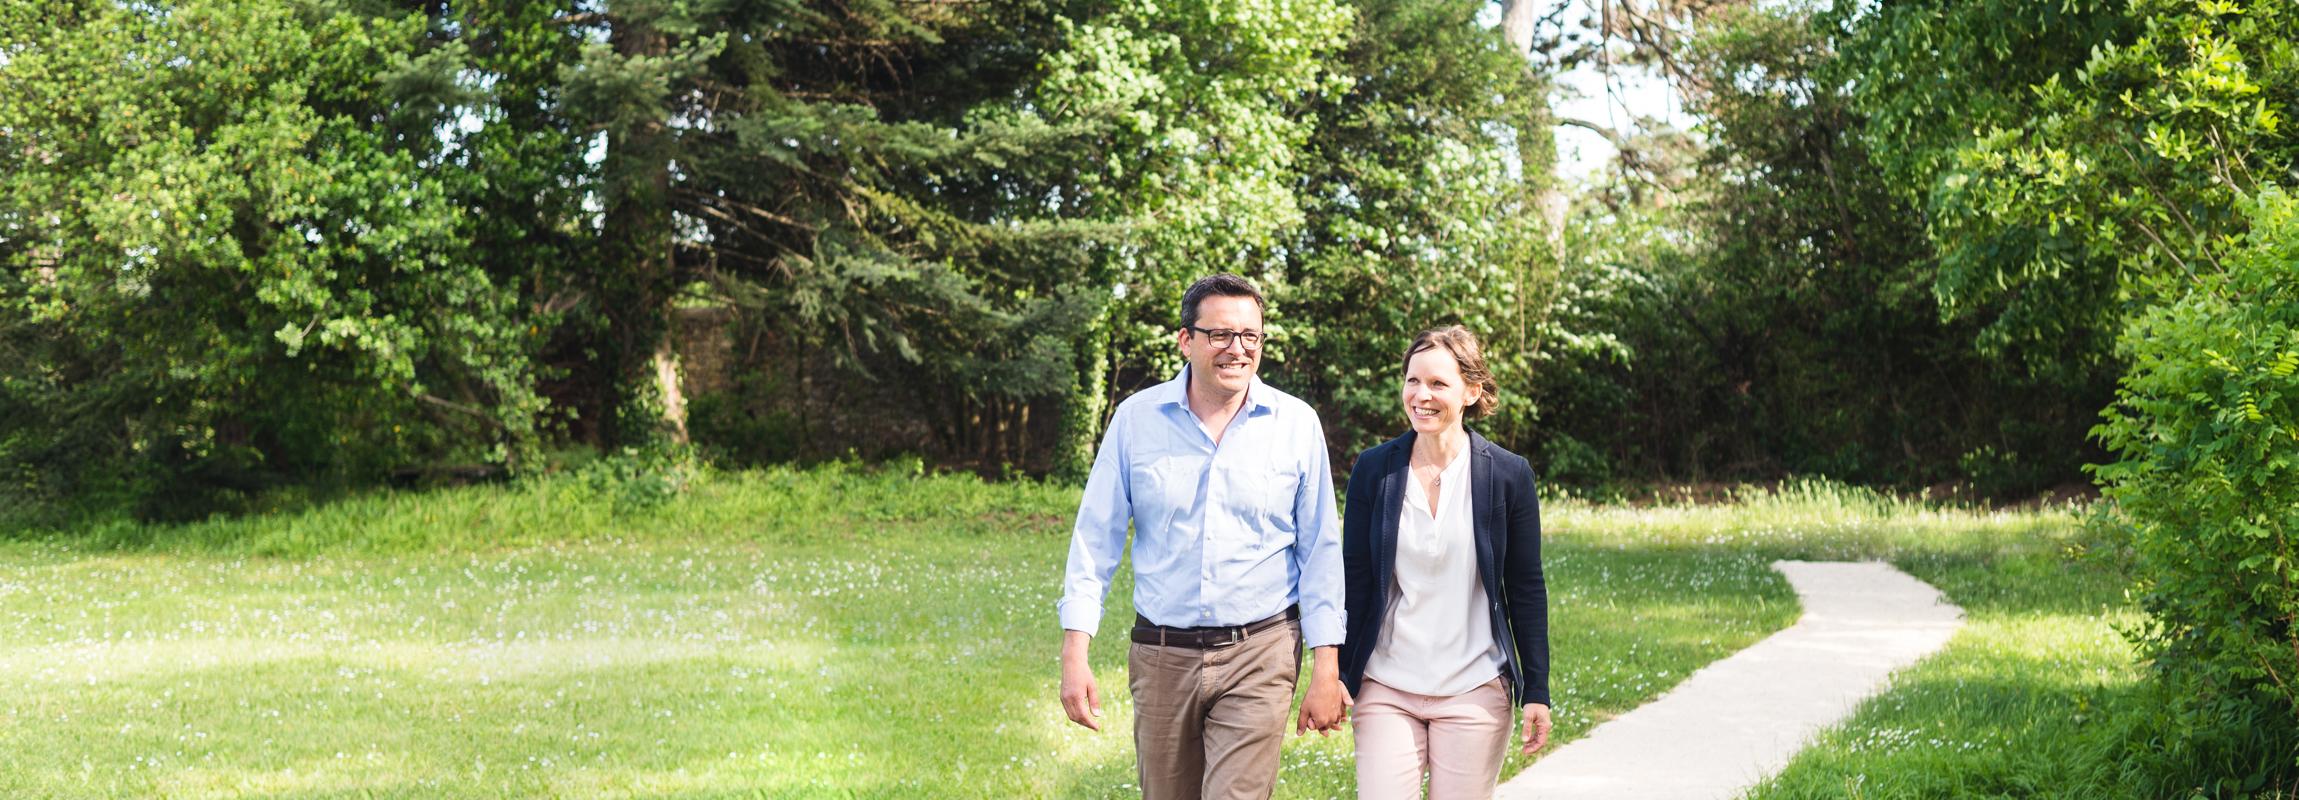 Andrea et Rolf Bertschi se promènant dans le parc de l'hôtel Château de Montcaud, où le couple vous acceuille chaleureusement. C'est en Provence qu'ils ont trouvé un nouveau foyer dans le sud de la France.